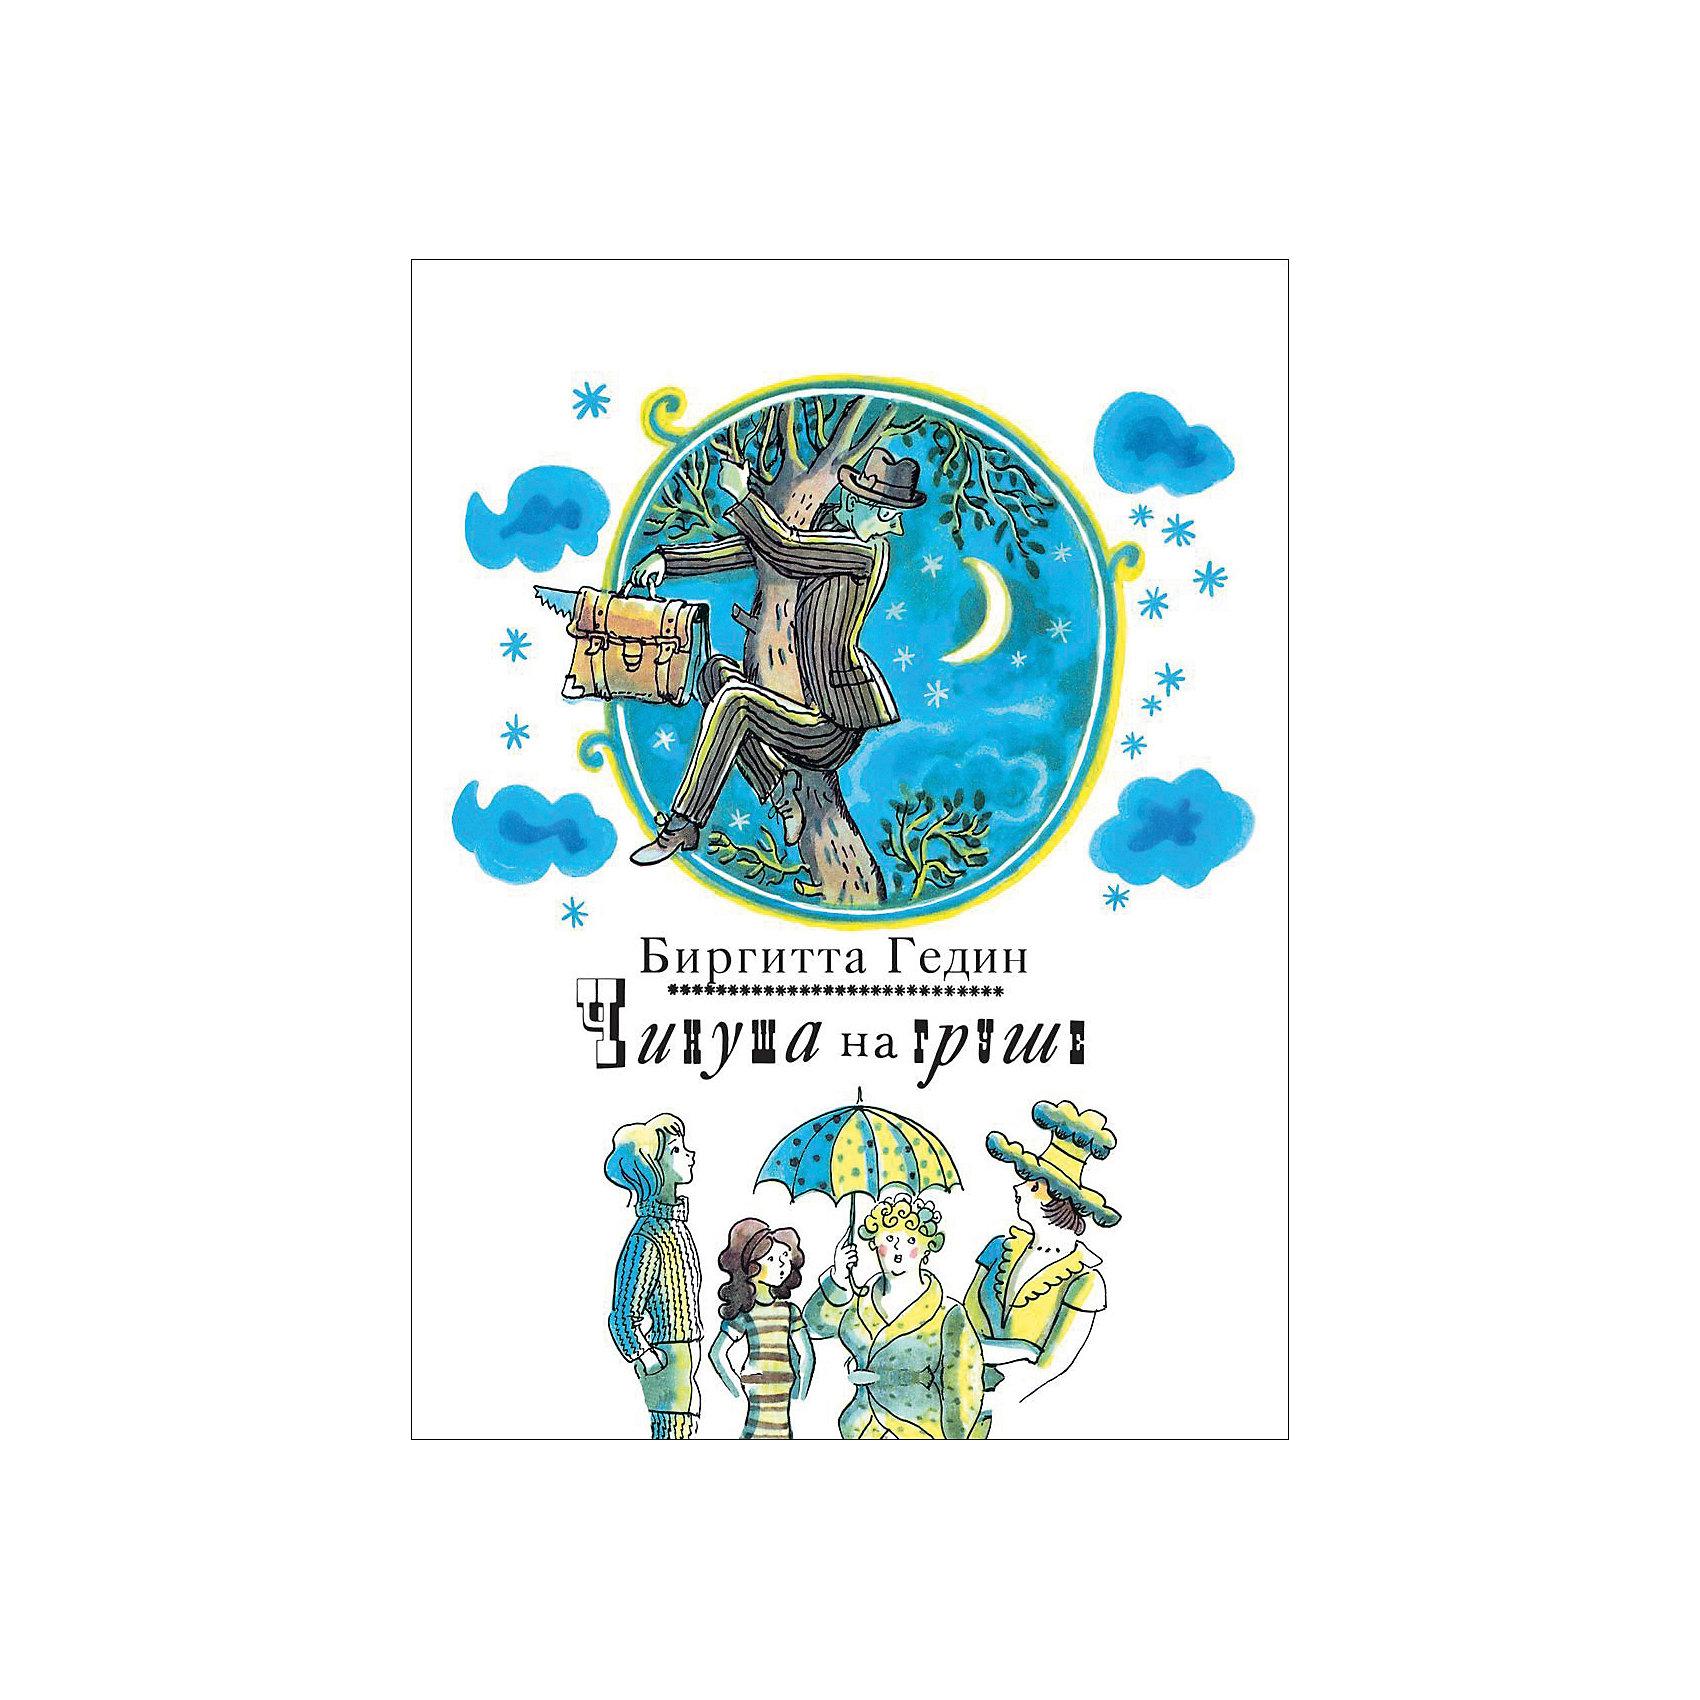 Чинуша на груше, Б. ГединРассказы и повести<br>Сатирическая сказка шведской писательницы Биргитты Гедин рассказывает о том, как двое бесстрашных детей - мальчик Линус и девочка Мелина - боролись за жизнь старого грушевого дерева, которое хотели погубить правители города - чинуши.<br><br>Ширина мм: 265<br>Глубина мм: 205<br>Высота мм: 8<br>Вес г: 500<br>Возраст от месяцев: 60<br>Возраст до месяцев: 120<br>Пол: Унисекс<br>Возраст: Детский<br>SKU: 4782436